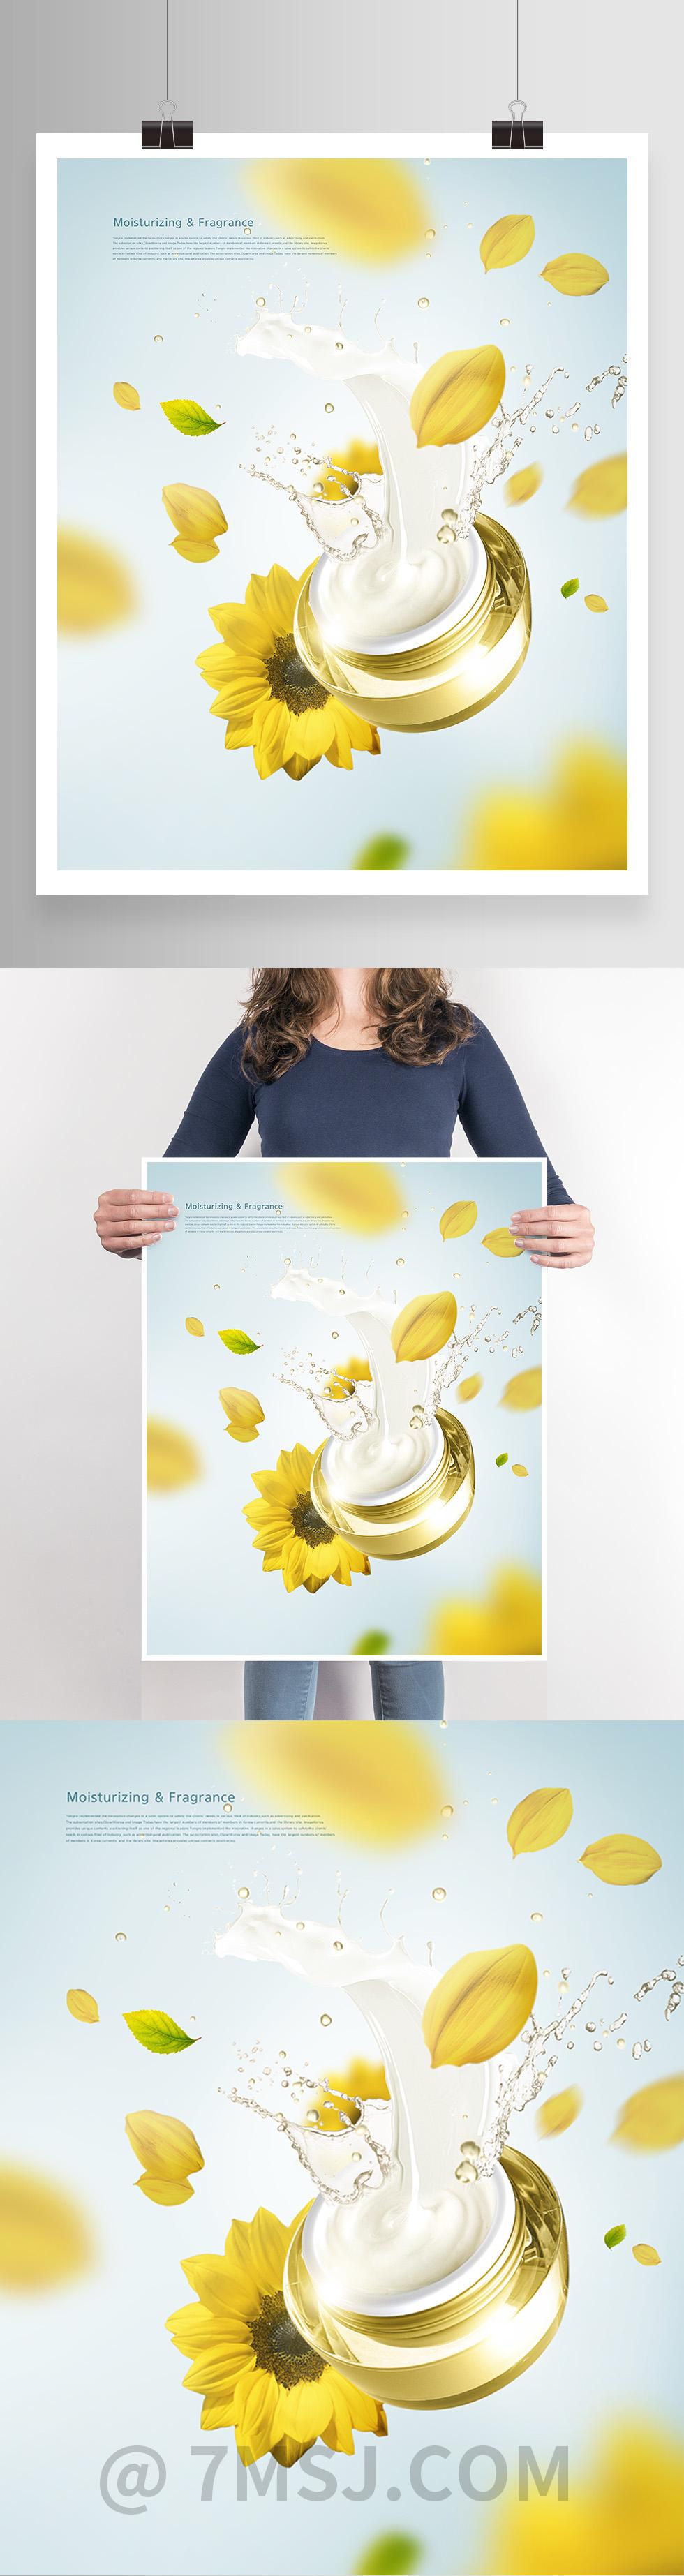 现代简约漂浮花朵护肤品海报